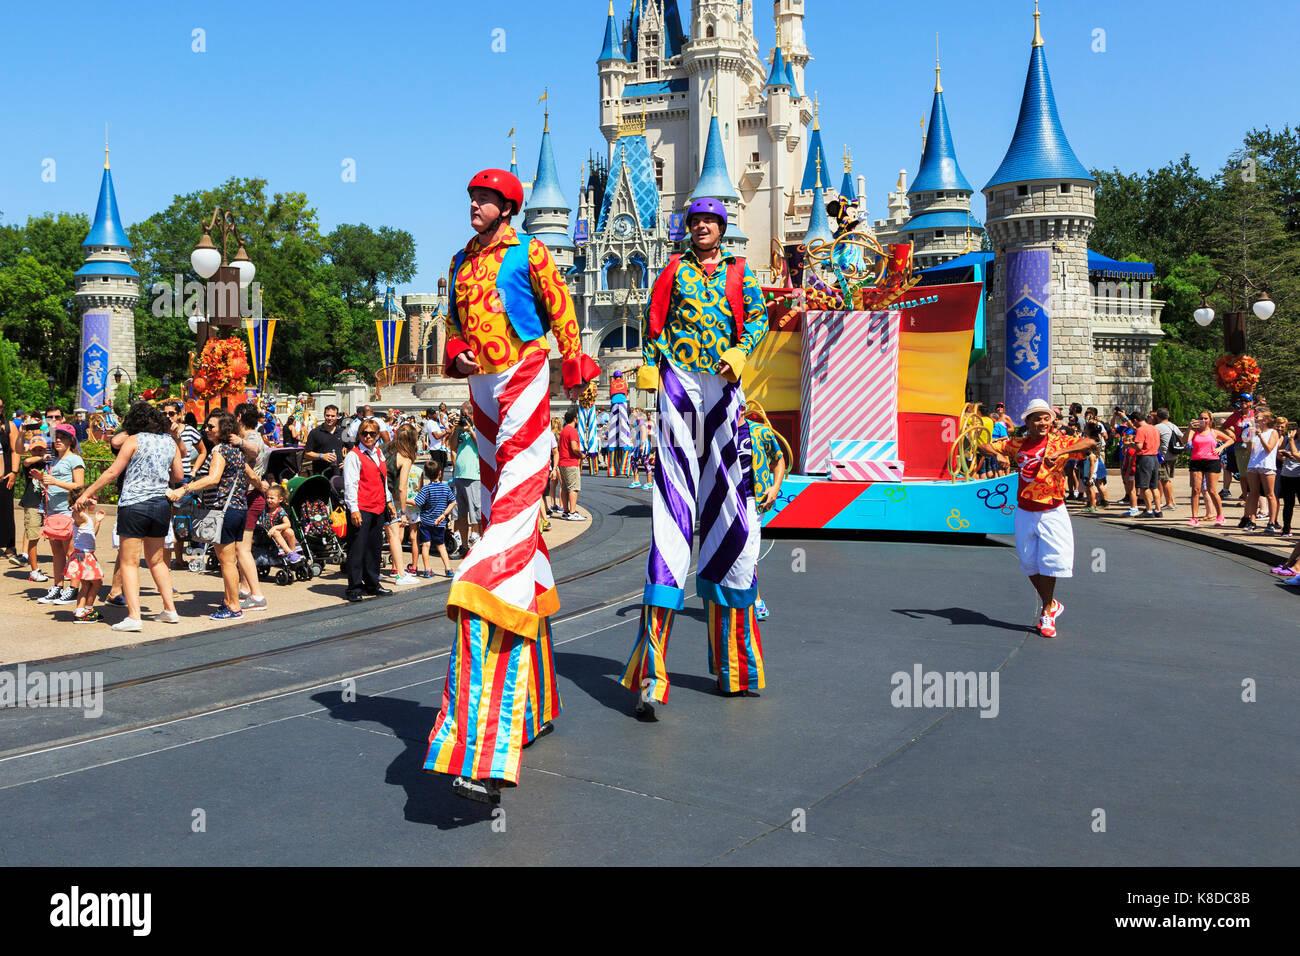 Spettacoli di strada di Walt Disney, il Parco a Tema del Regno Magico, Orlando, Florida, Stati Uniti d'America Immagini Stock